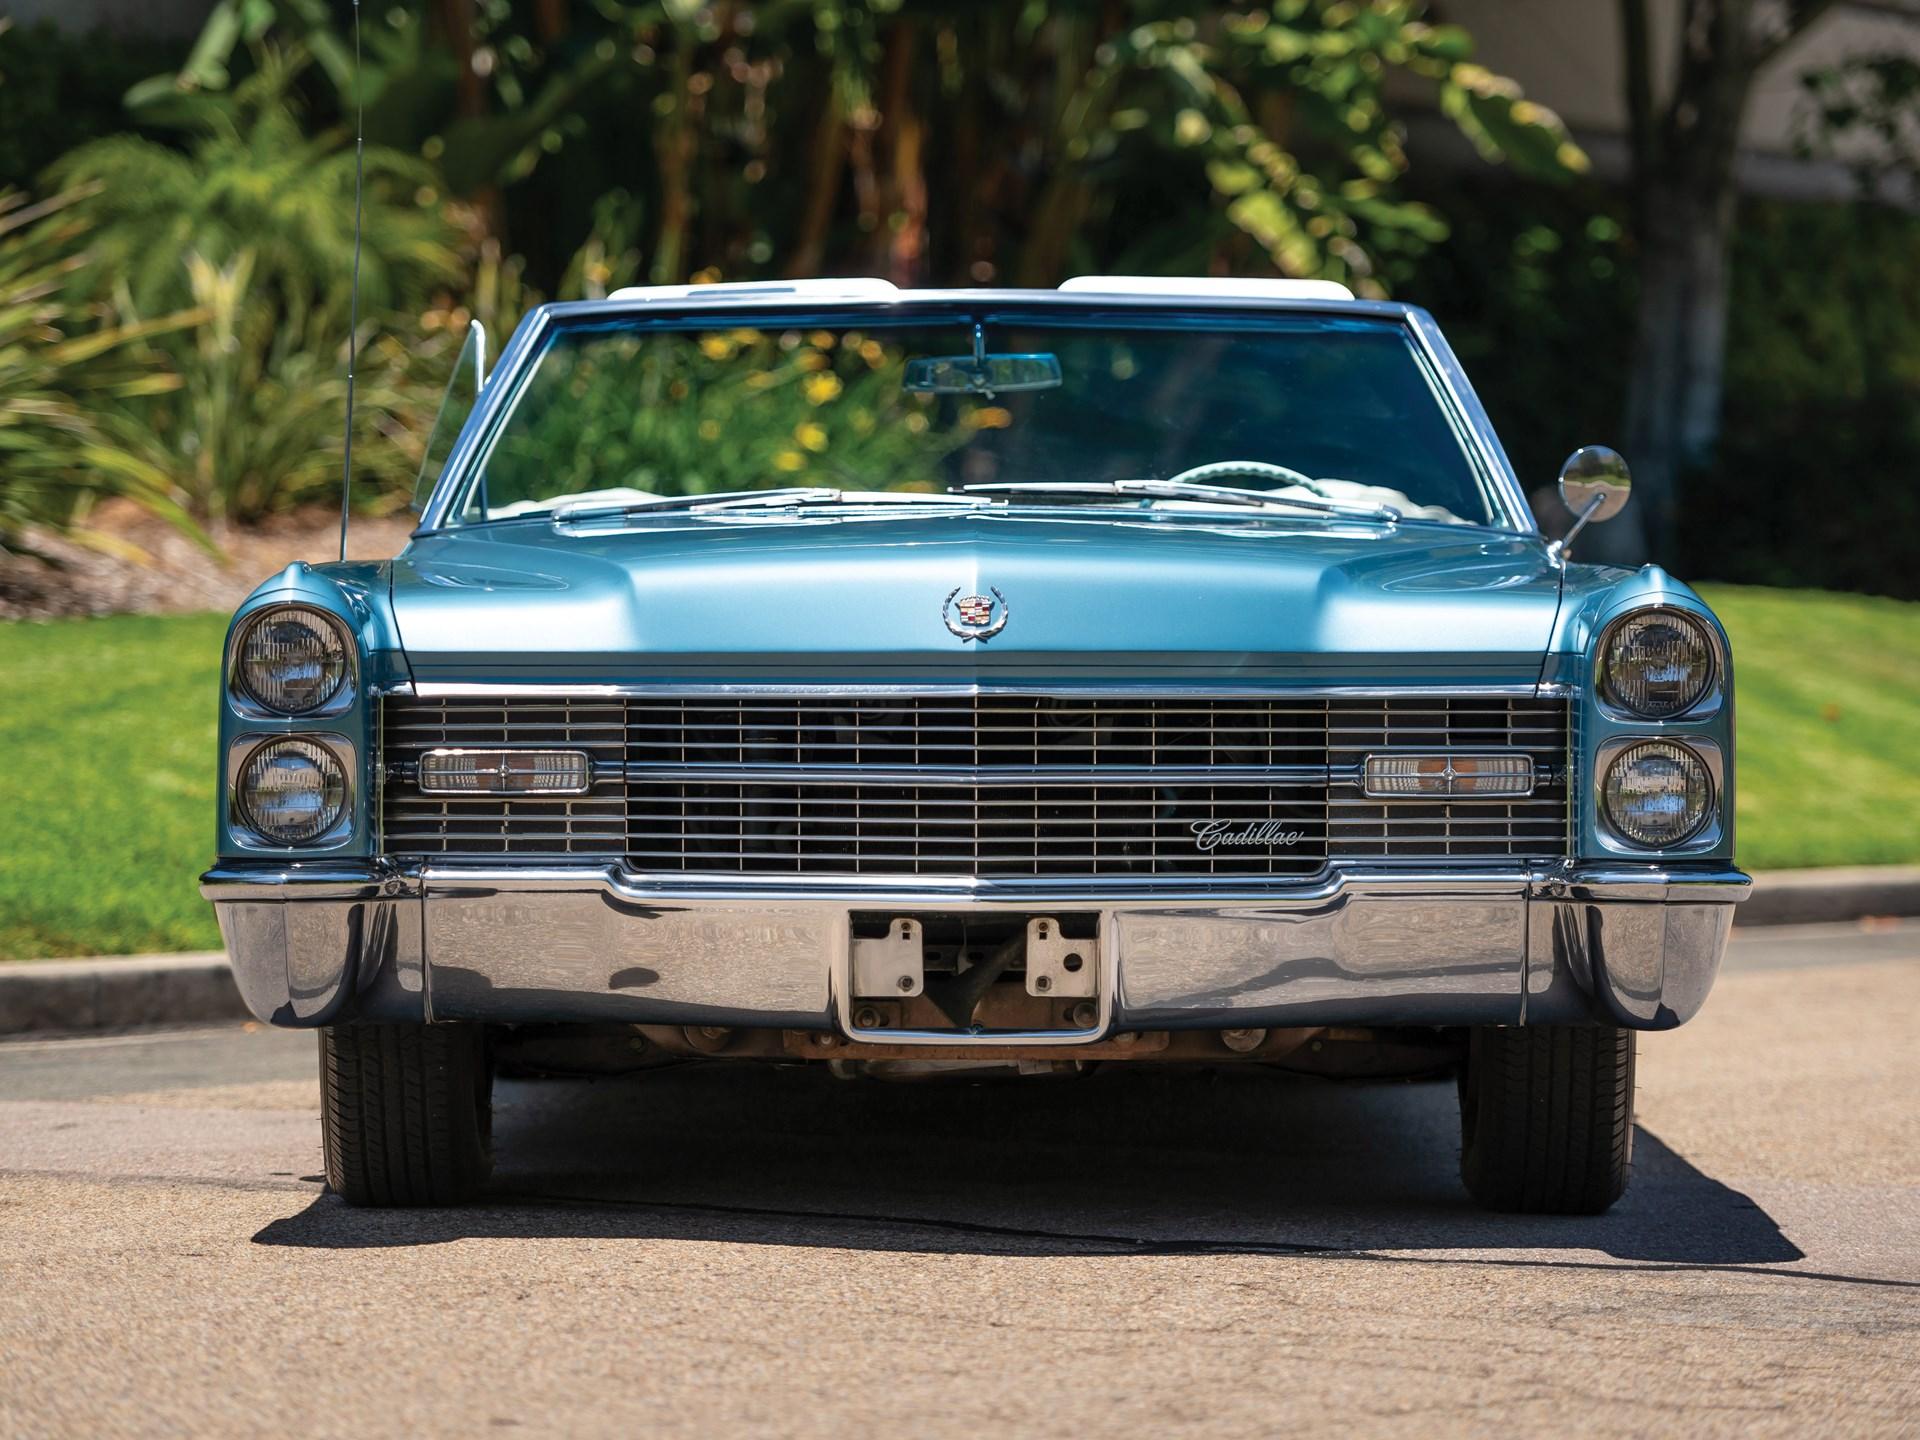 RM Sotheby's - 1966 Cadillac Eldorado Convertible | Auburn